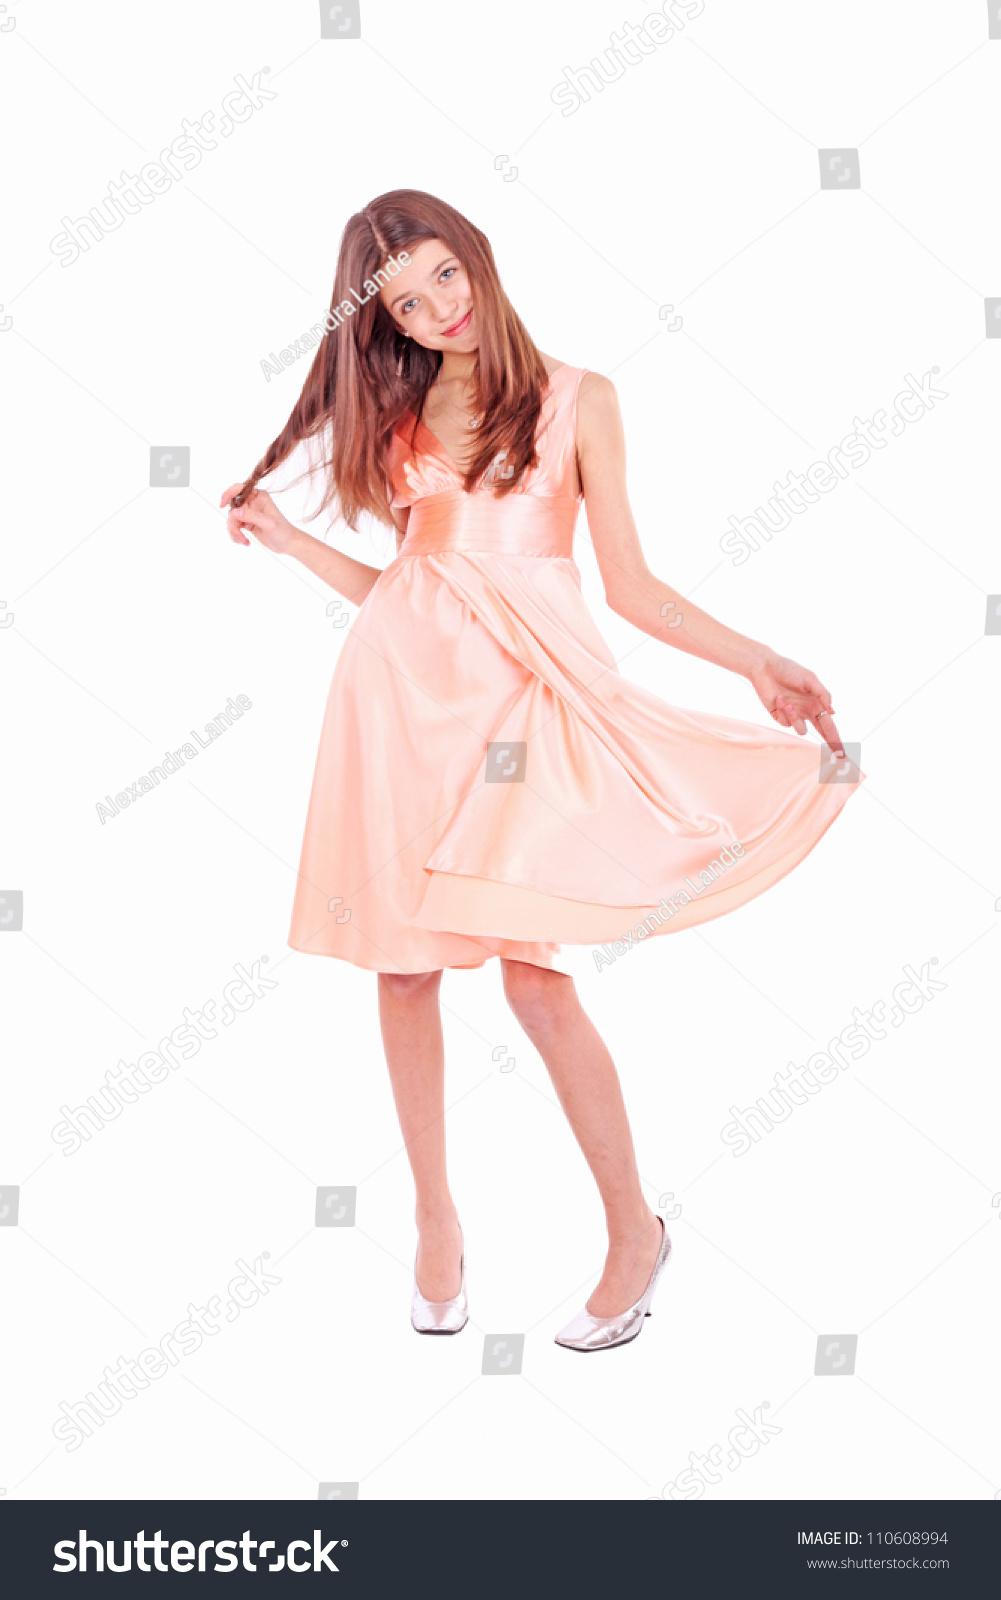 Nice Teen Girl Pink Dress Stockfoto (Lizenzfrei) 110608994 ...